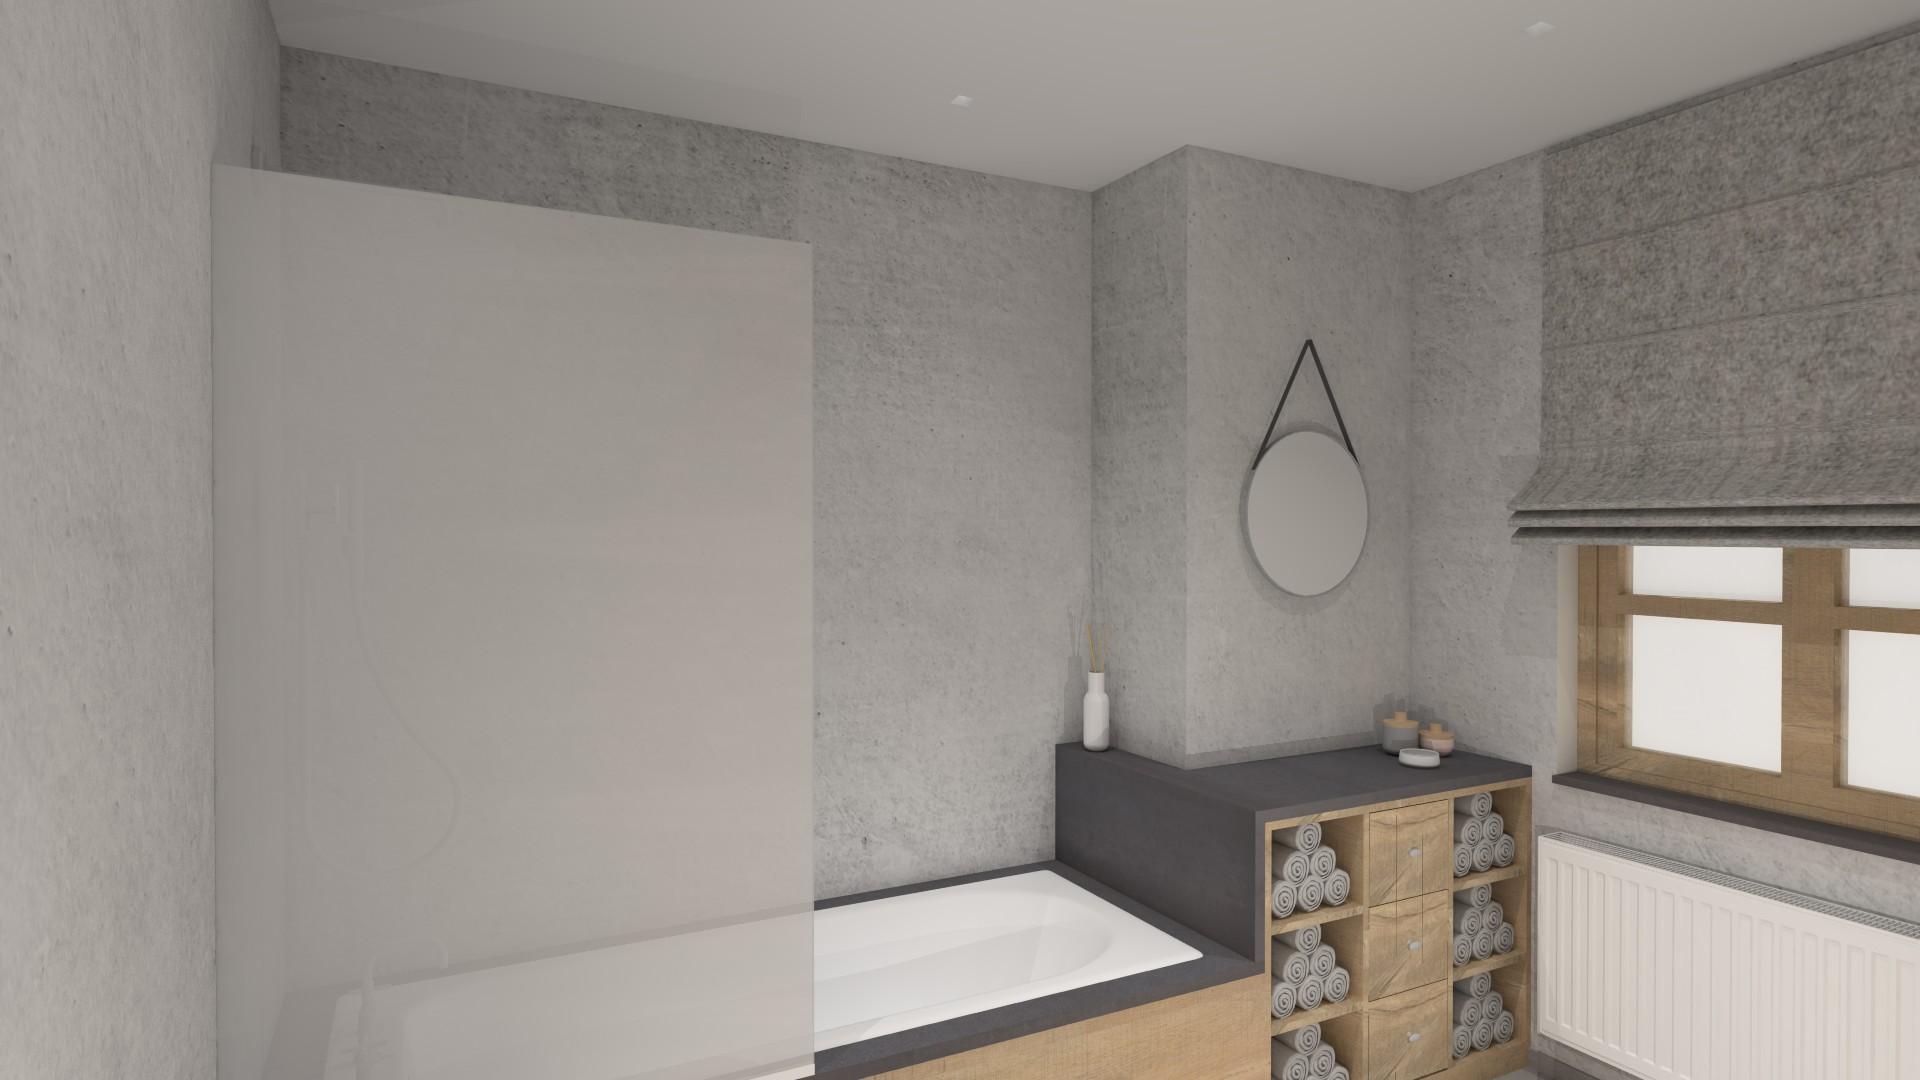 interieurarchitectuur renovatie badkamer